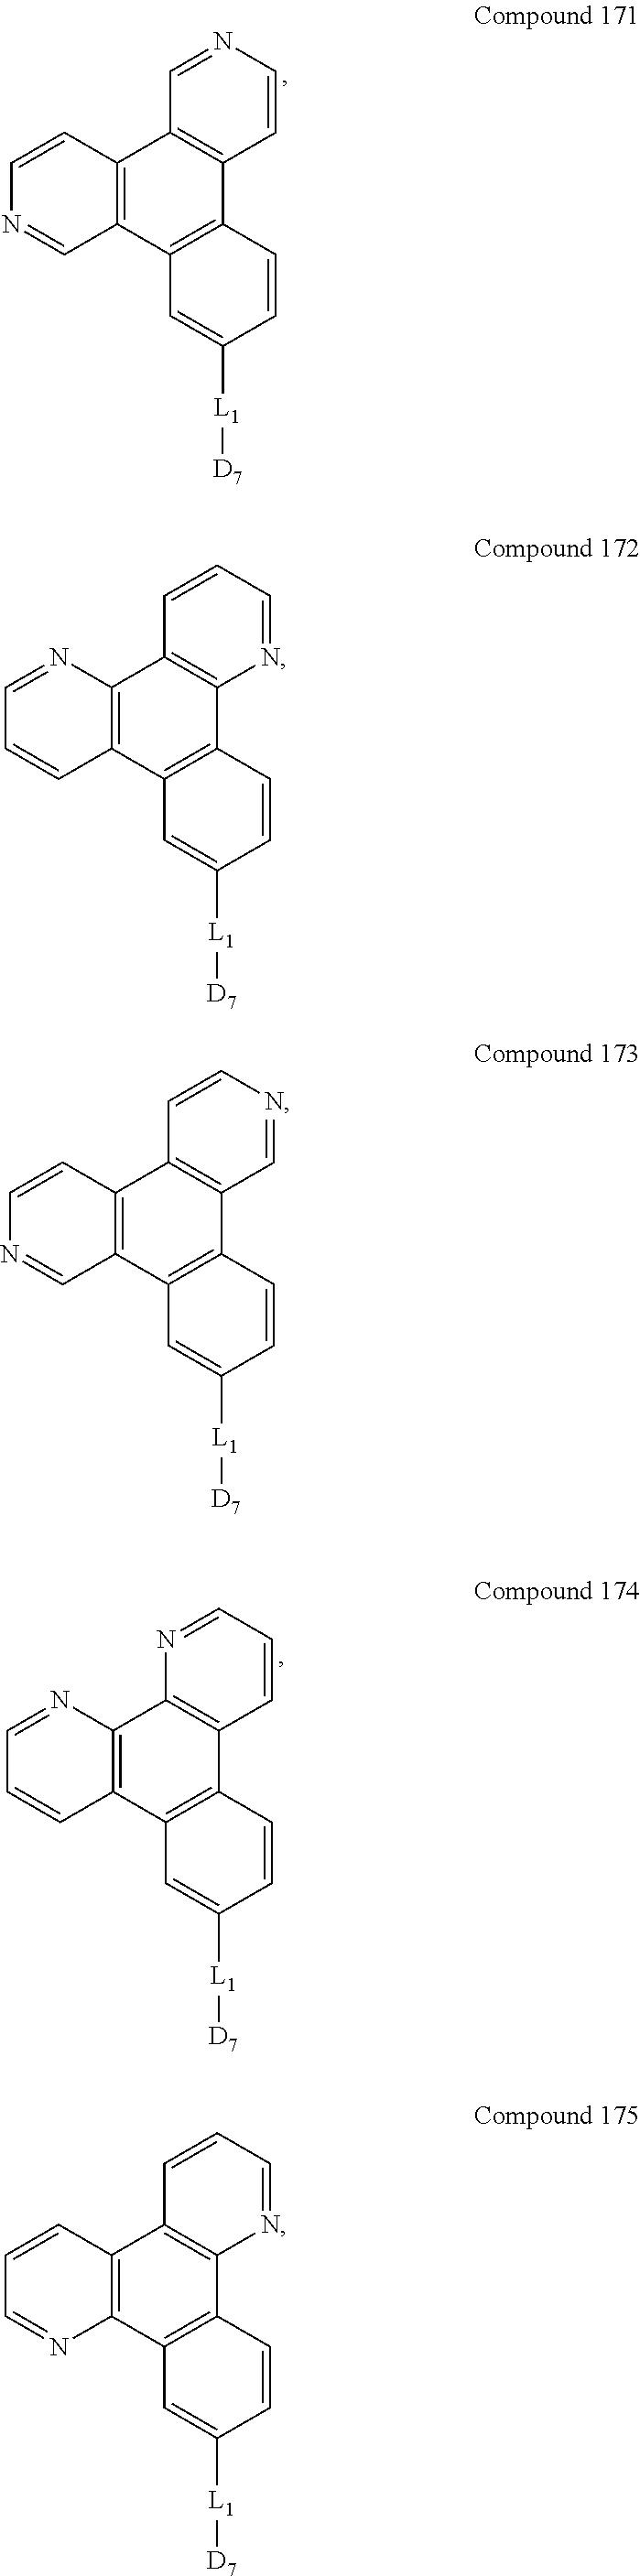 Figure US09537106-20170103-C00521